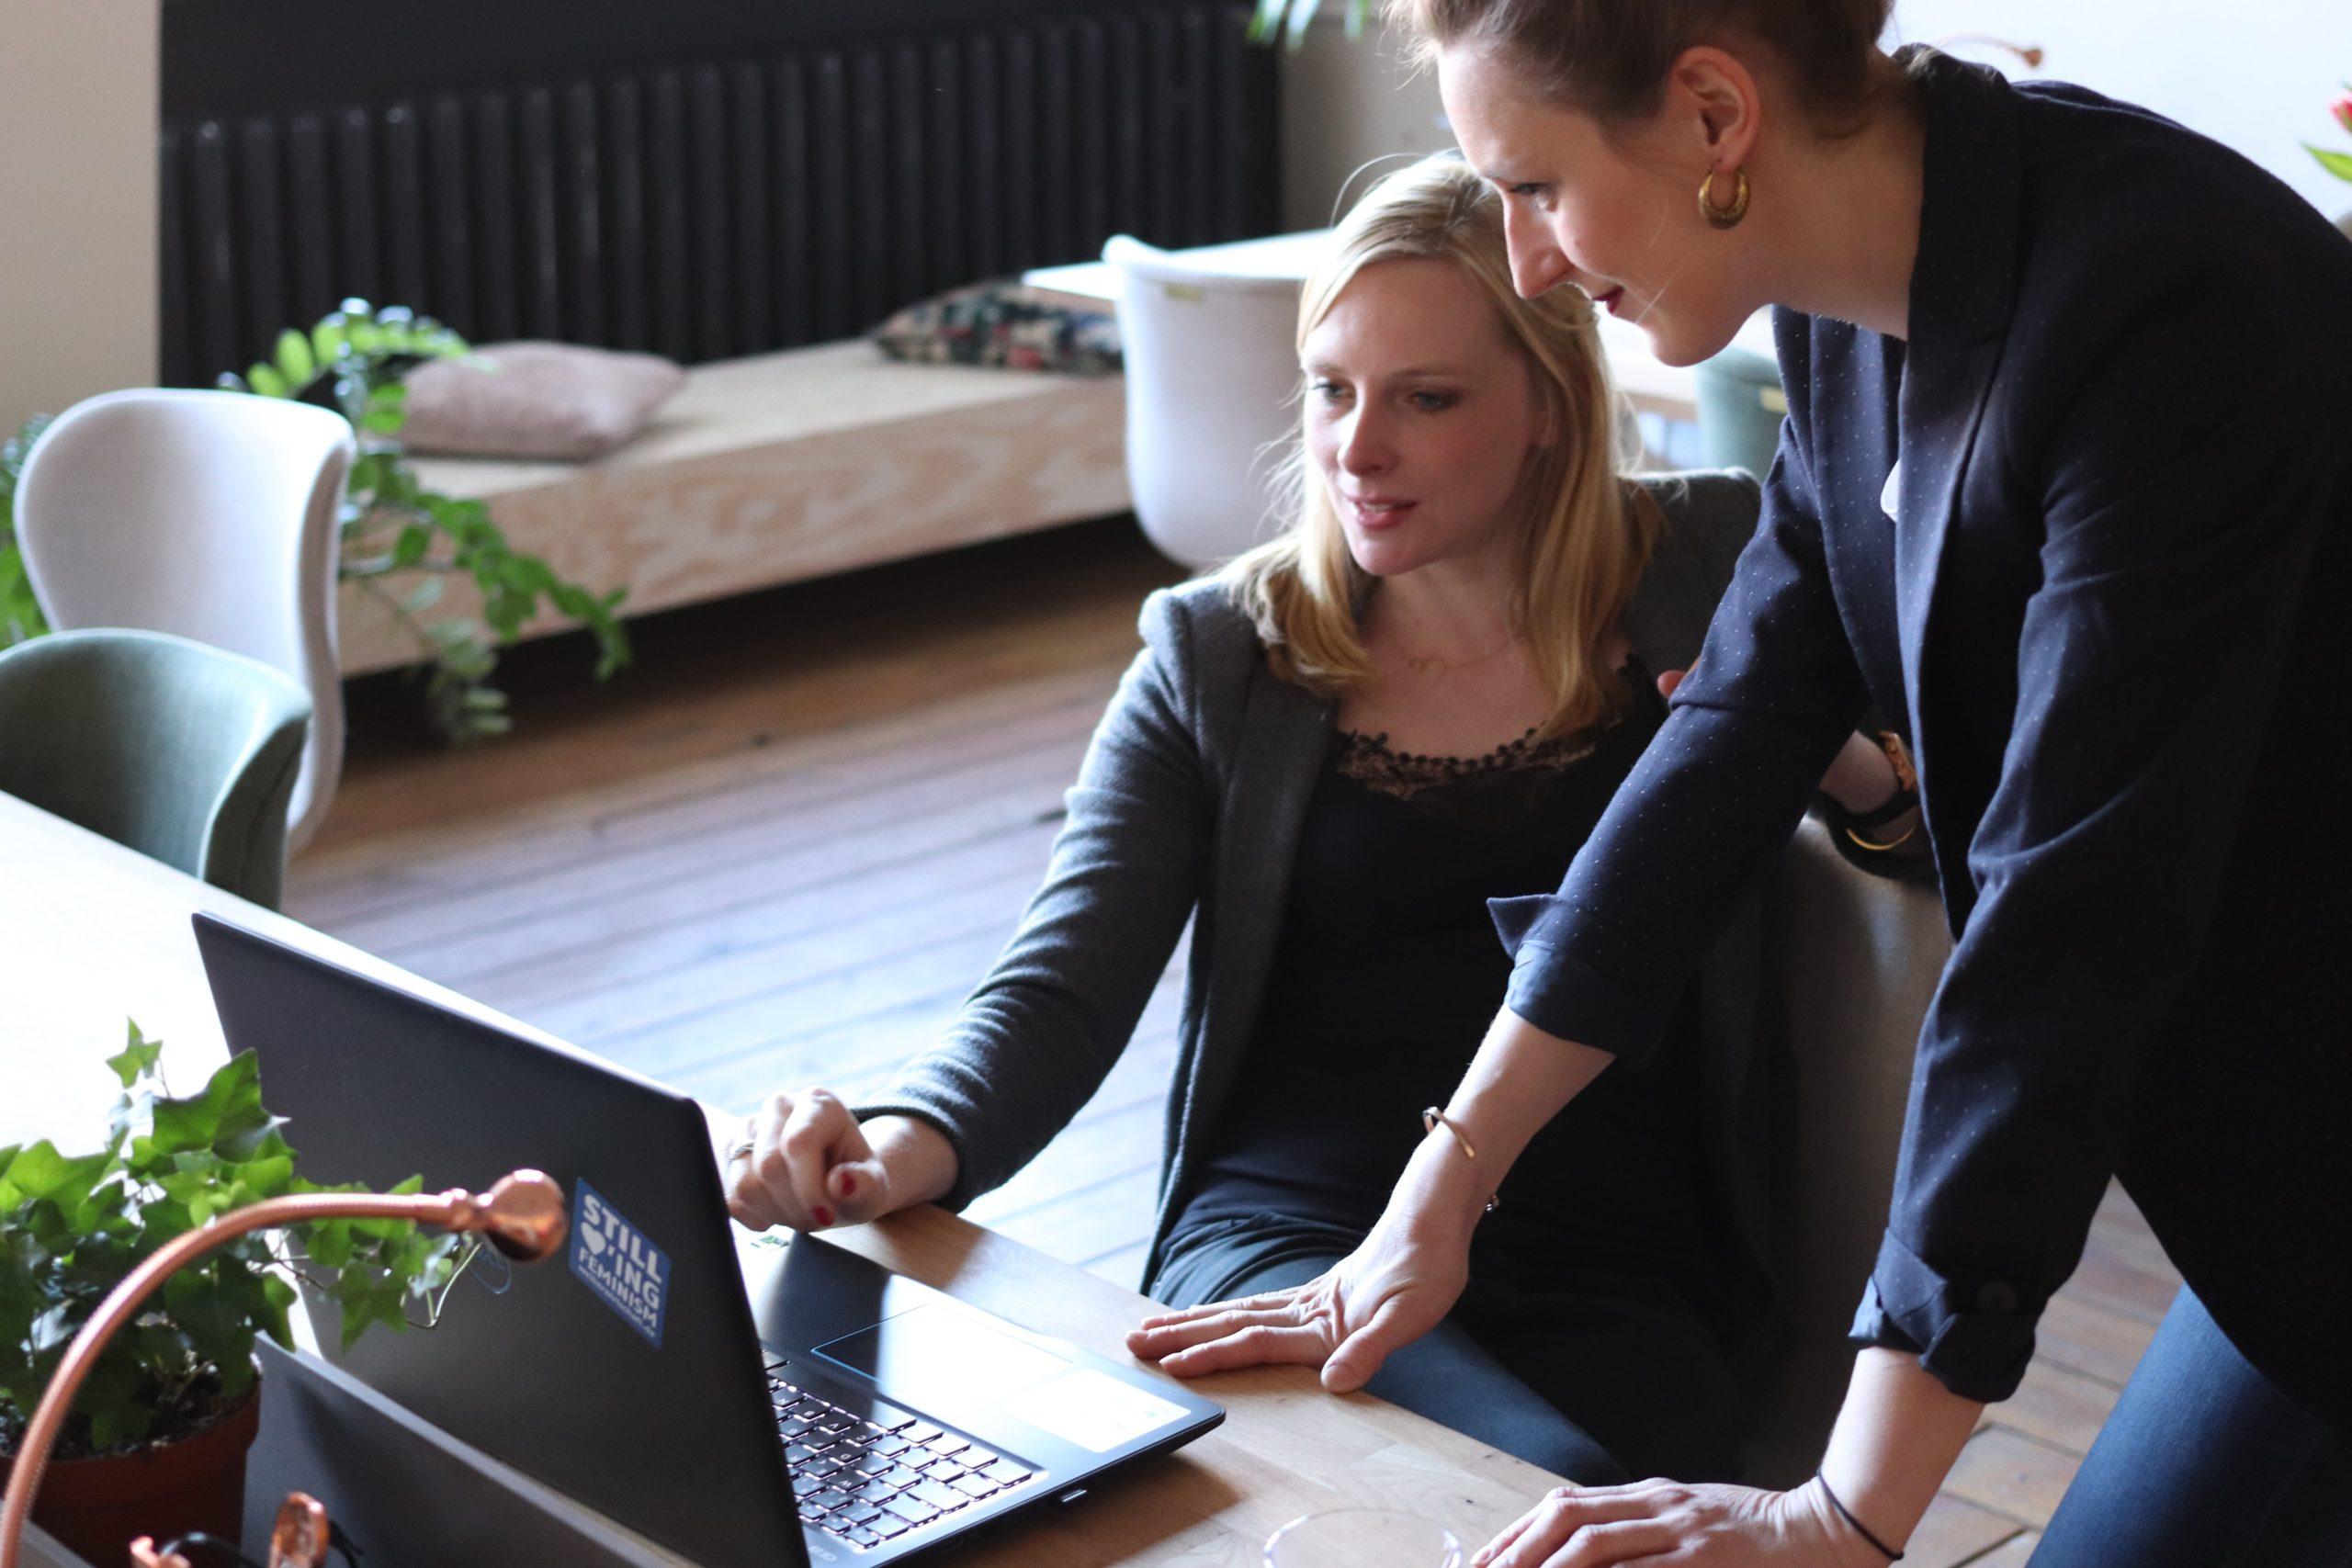 Duas mulheres olhando para uma tela e explicando algo.